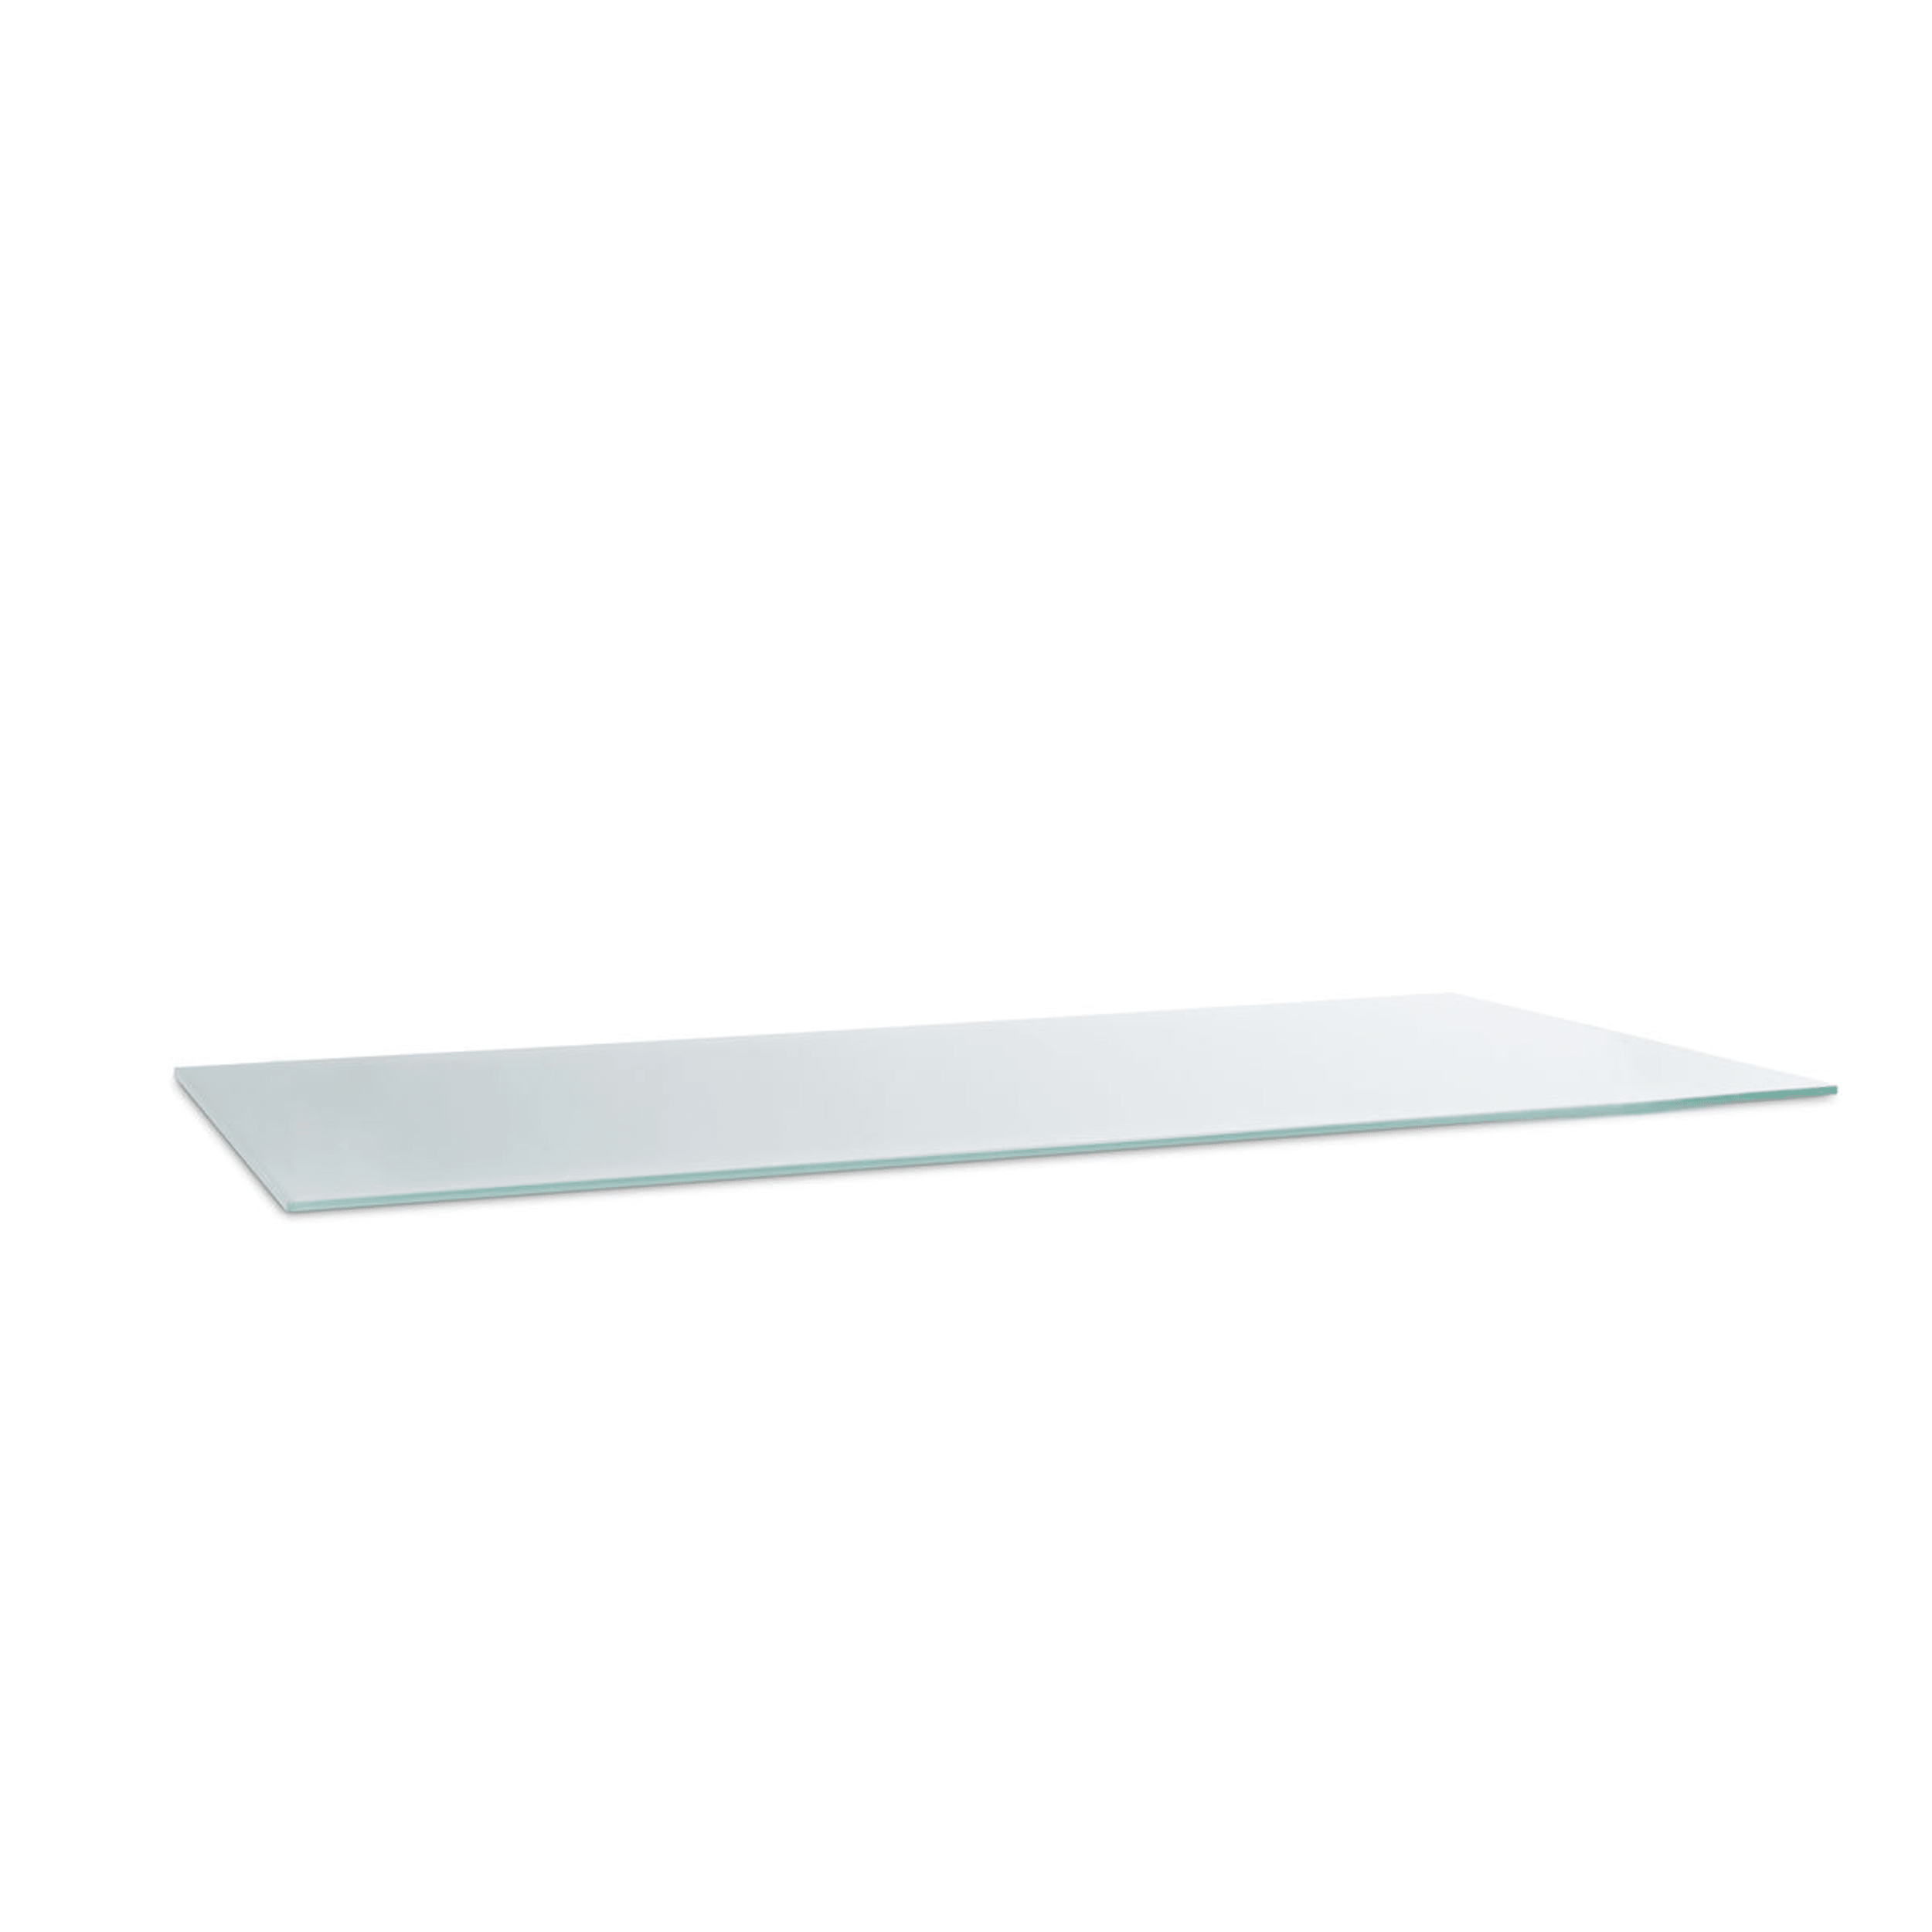 Image of Tischplatte OFFICE-PLUS